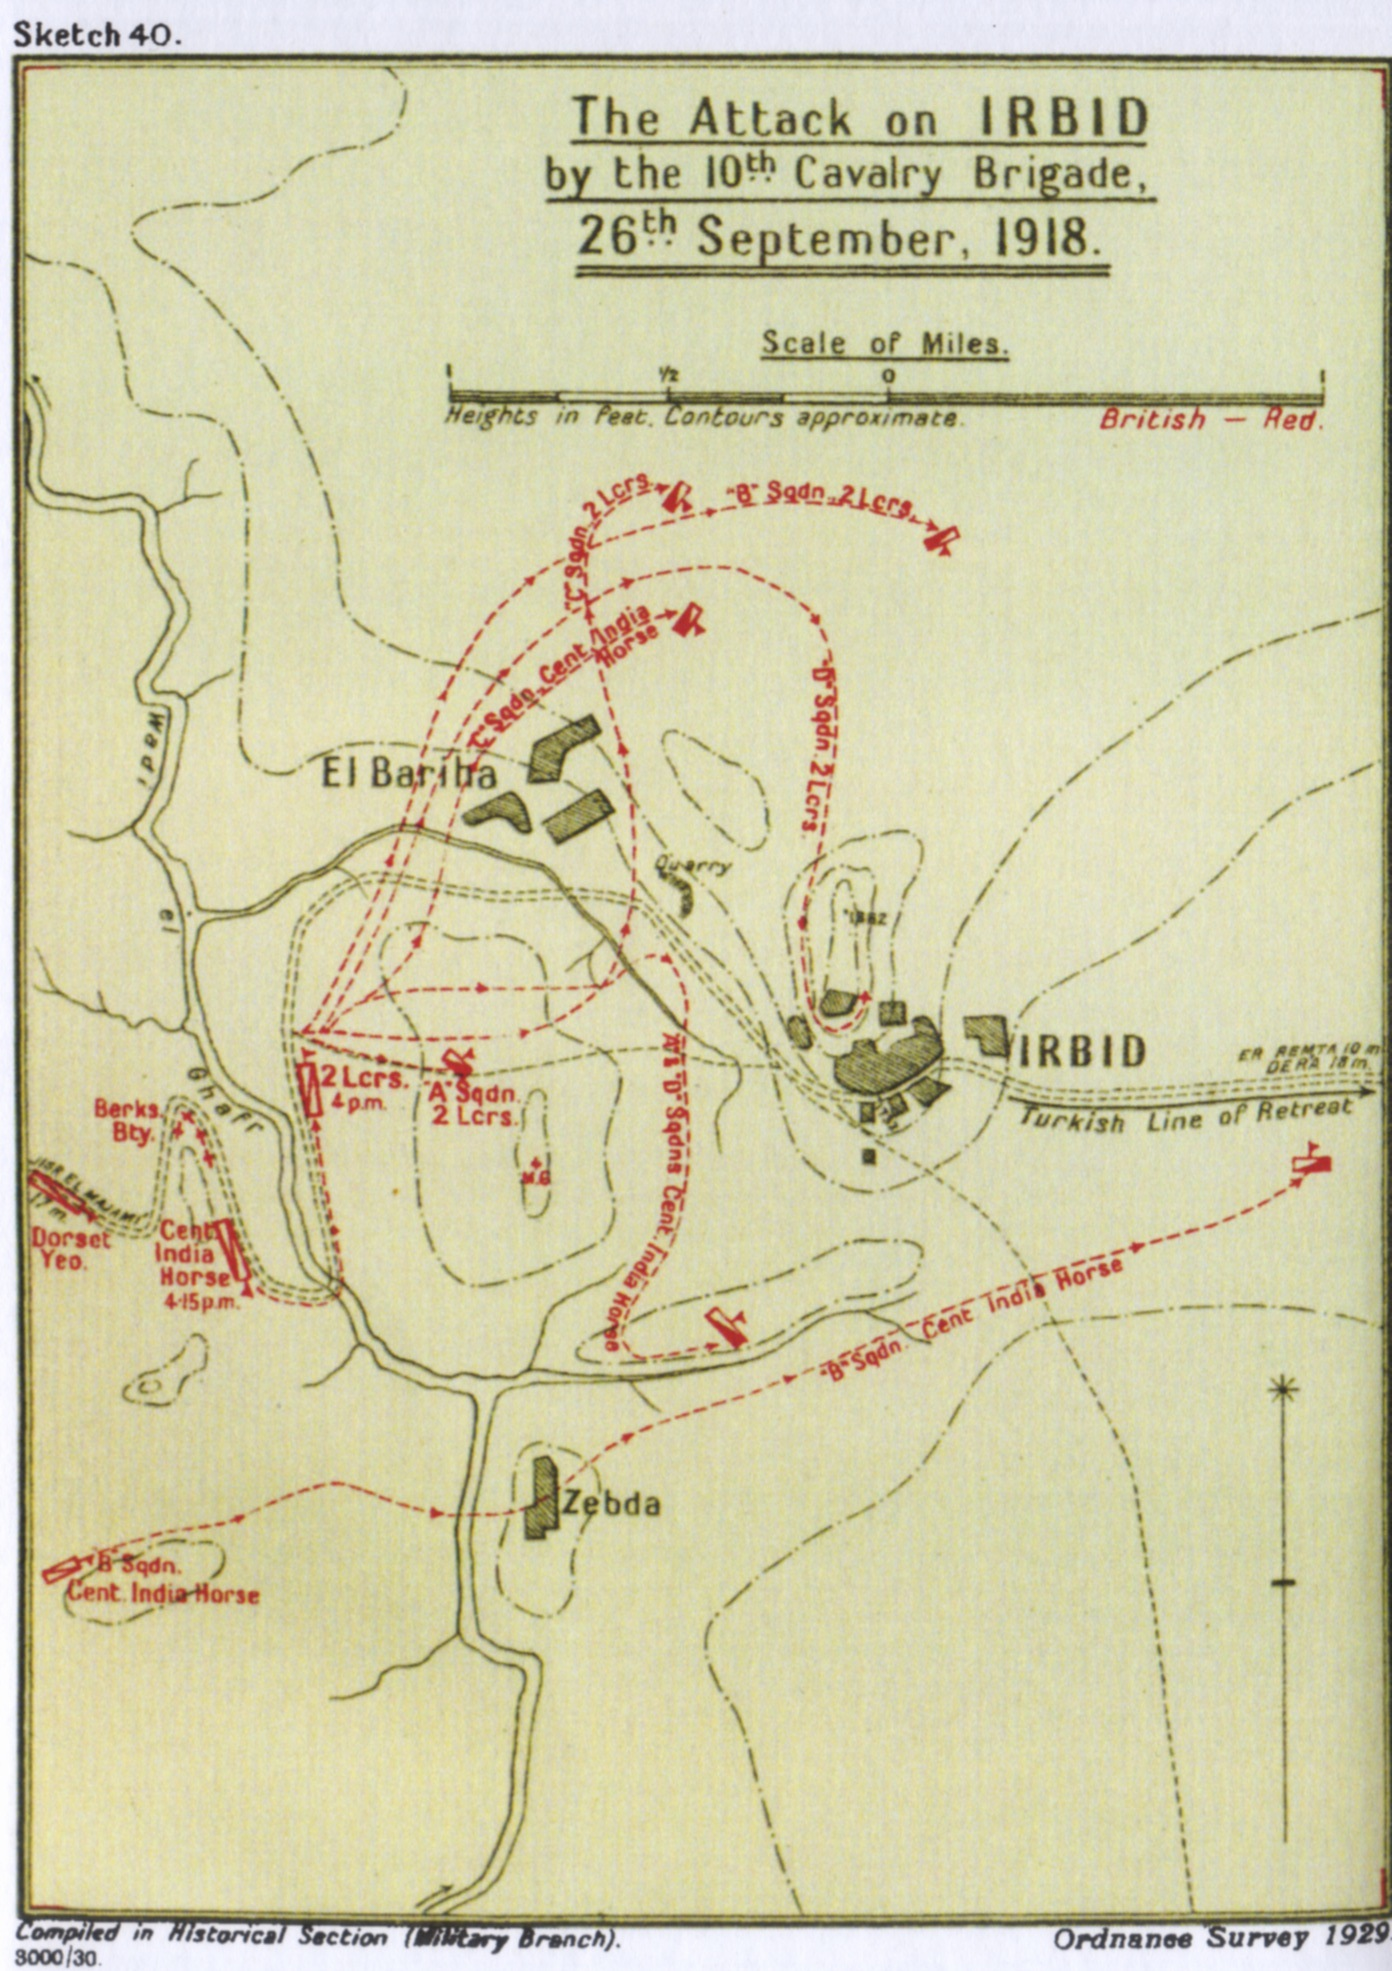 FileFalls Sketch Map 40 Irbidjpeg Wikimedia Commons